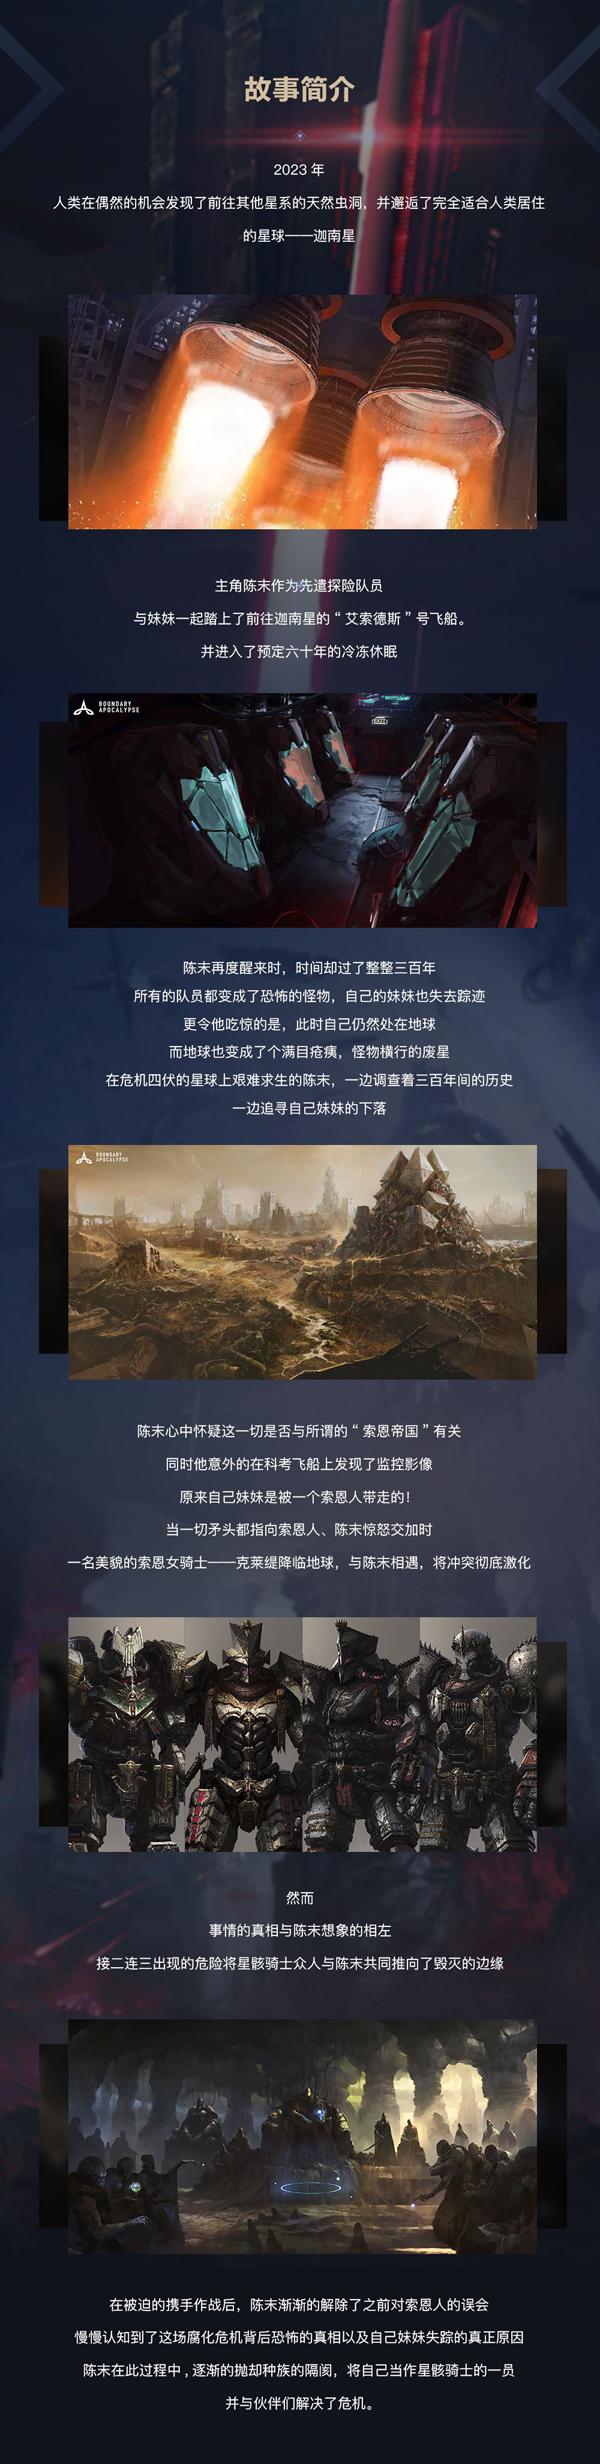 杭州黑岩网络将在2018 WMGC再续精彩